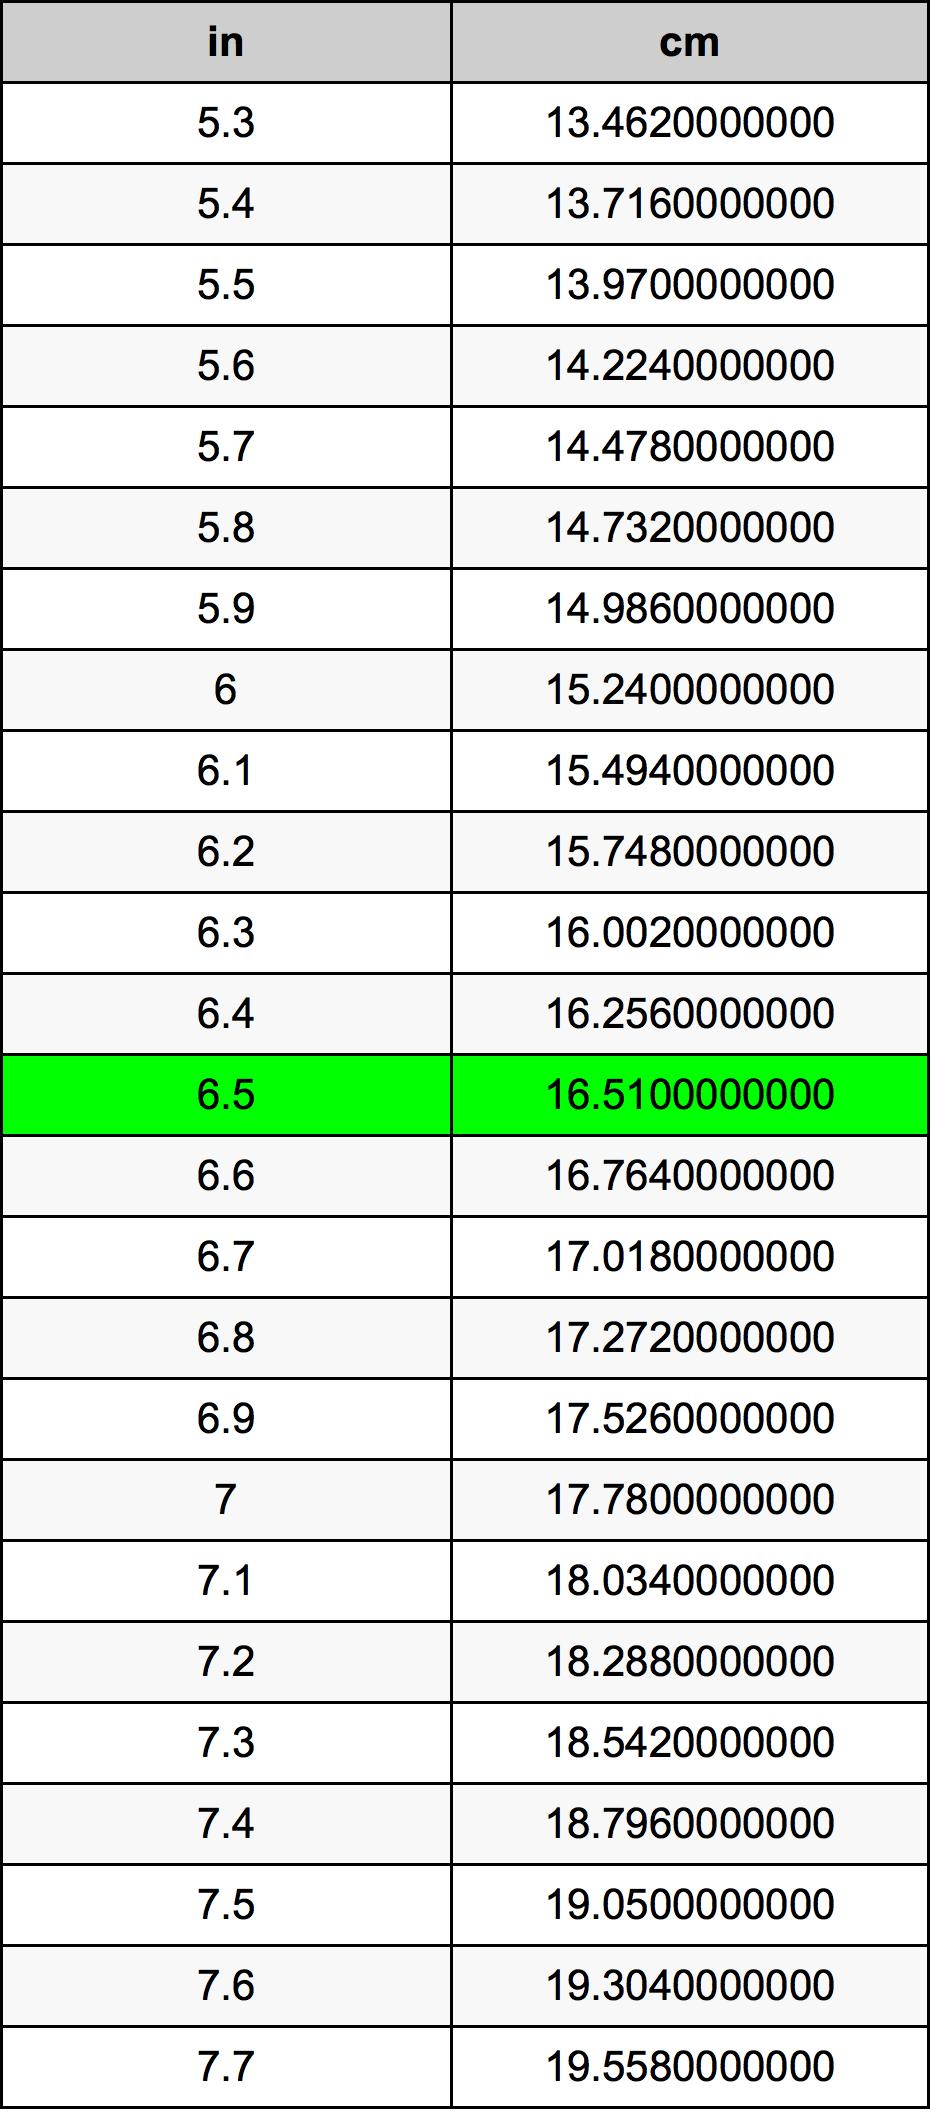 Kuinka suuri ero on senteissä kun tuumat 15,6 ja 17,3? Tietäisikö kukaan mikä